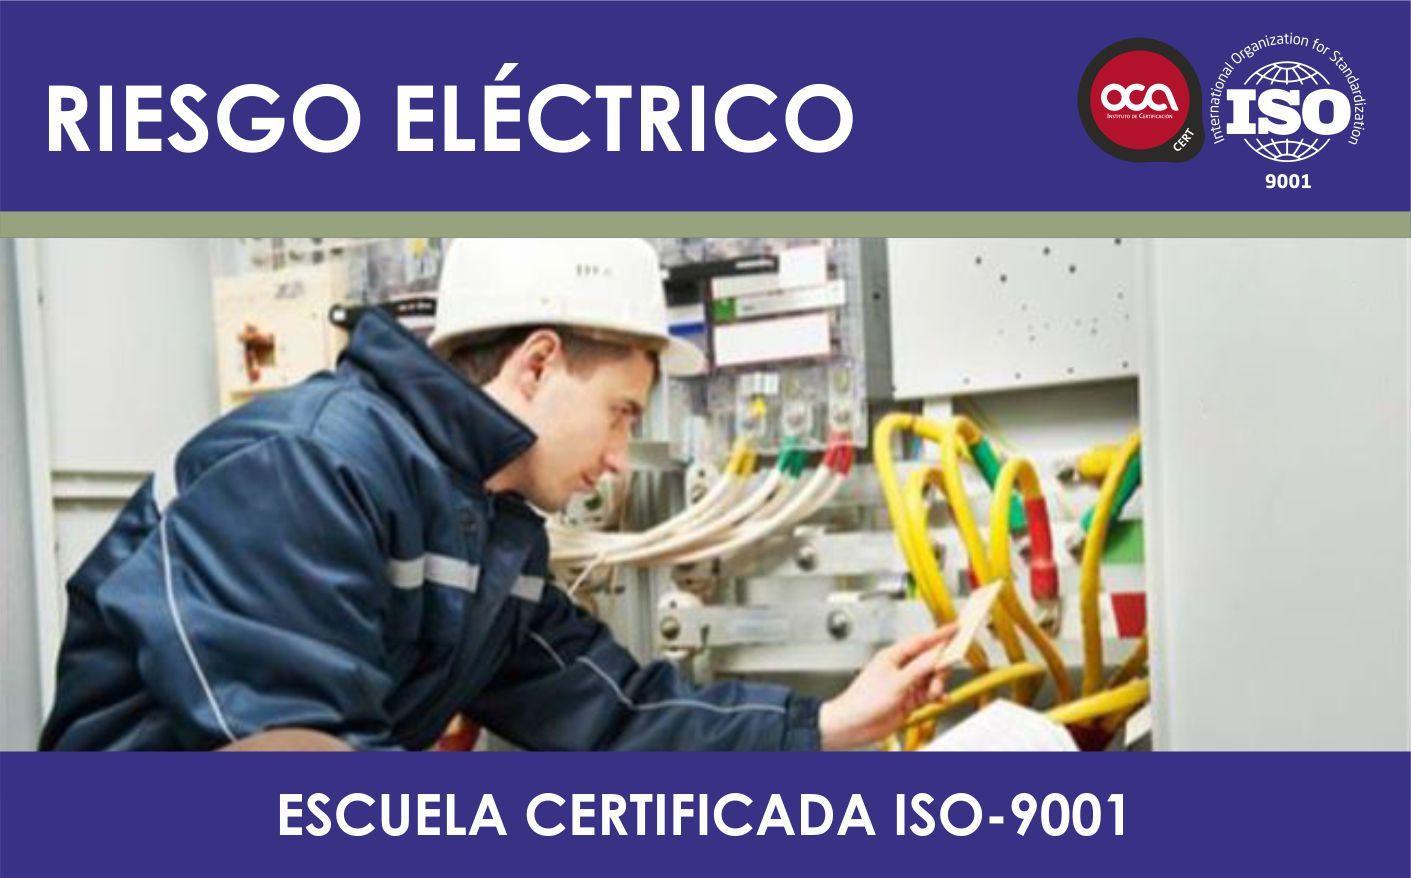 curso de Riesgo electrico eesea